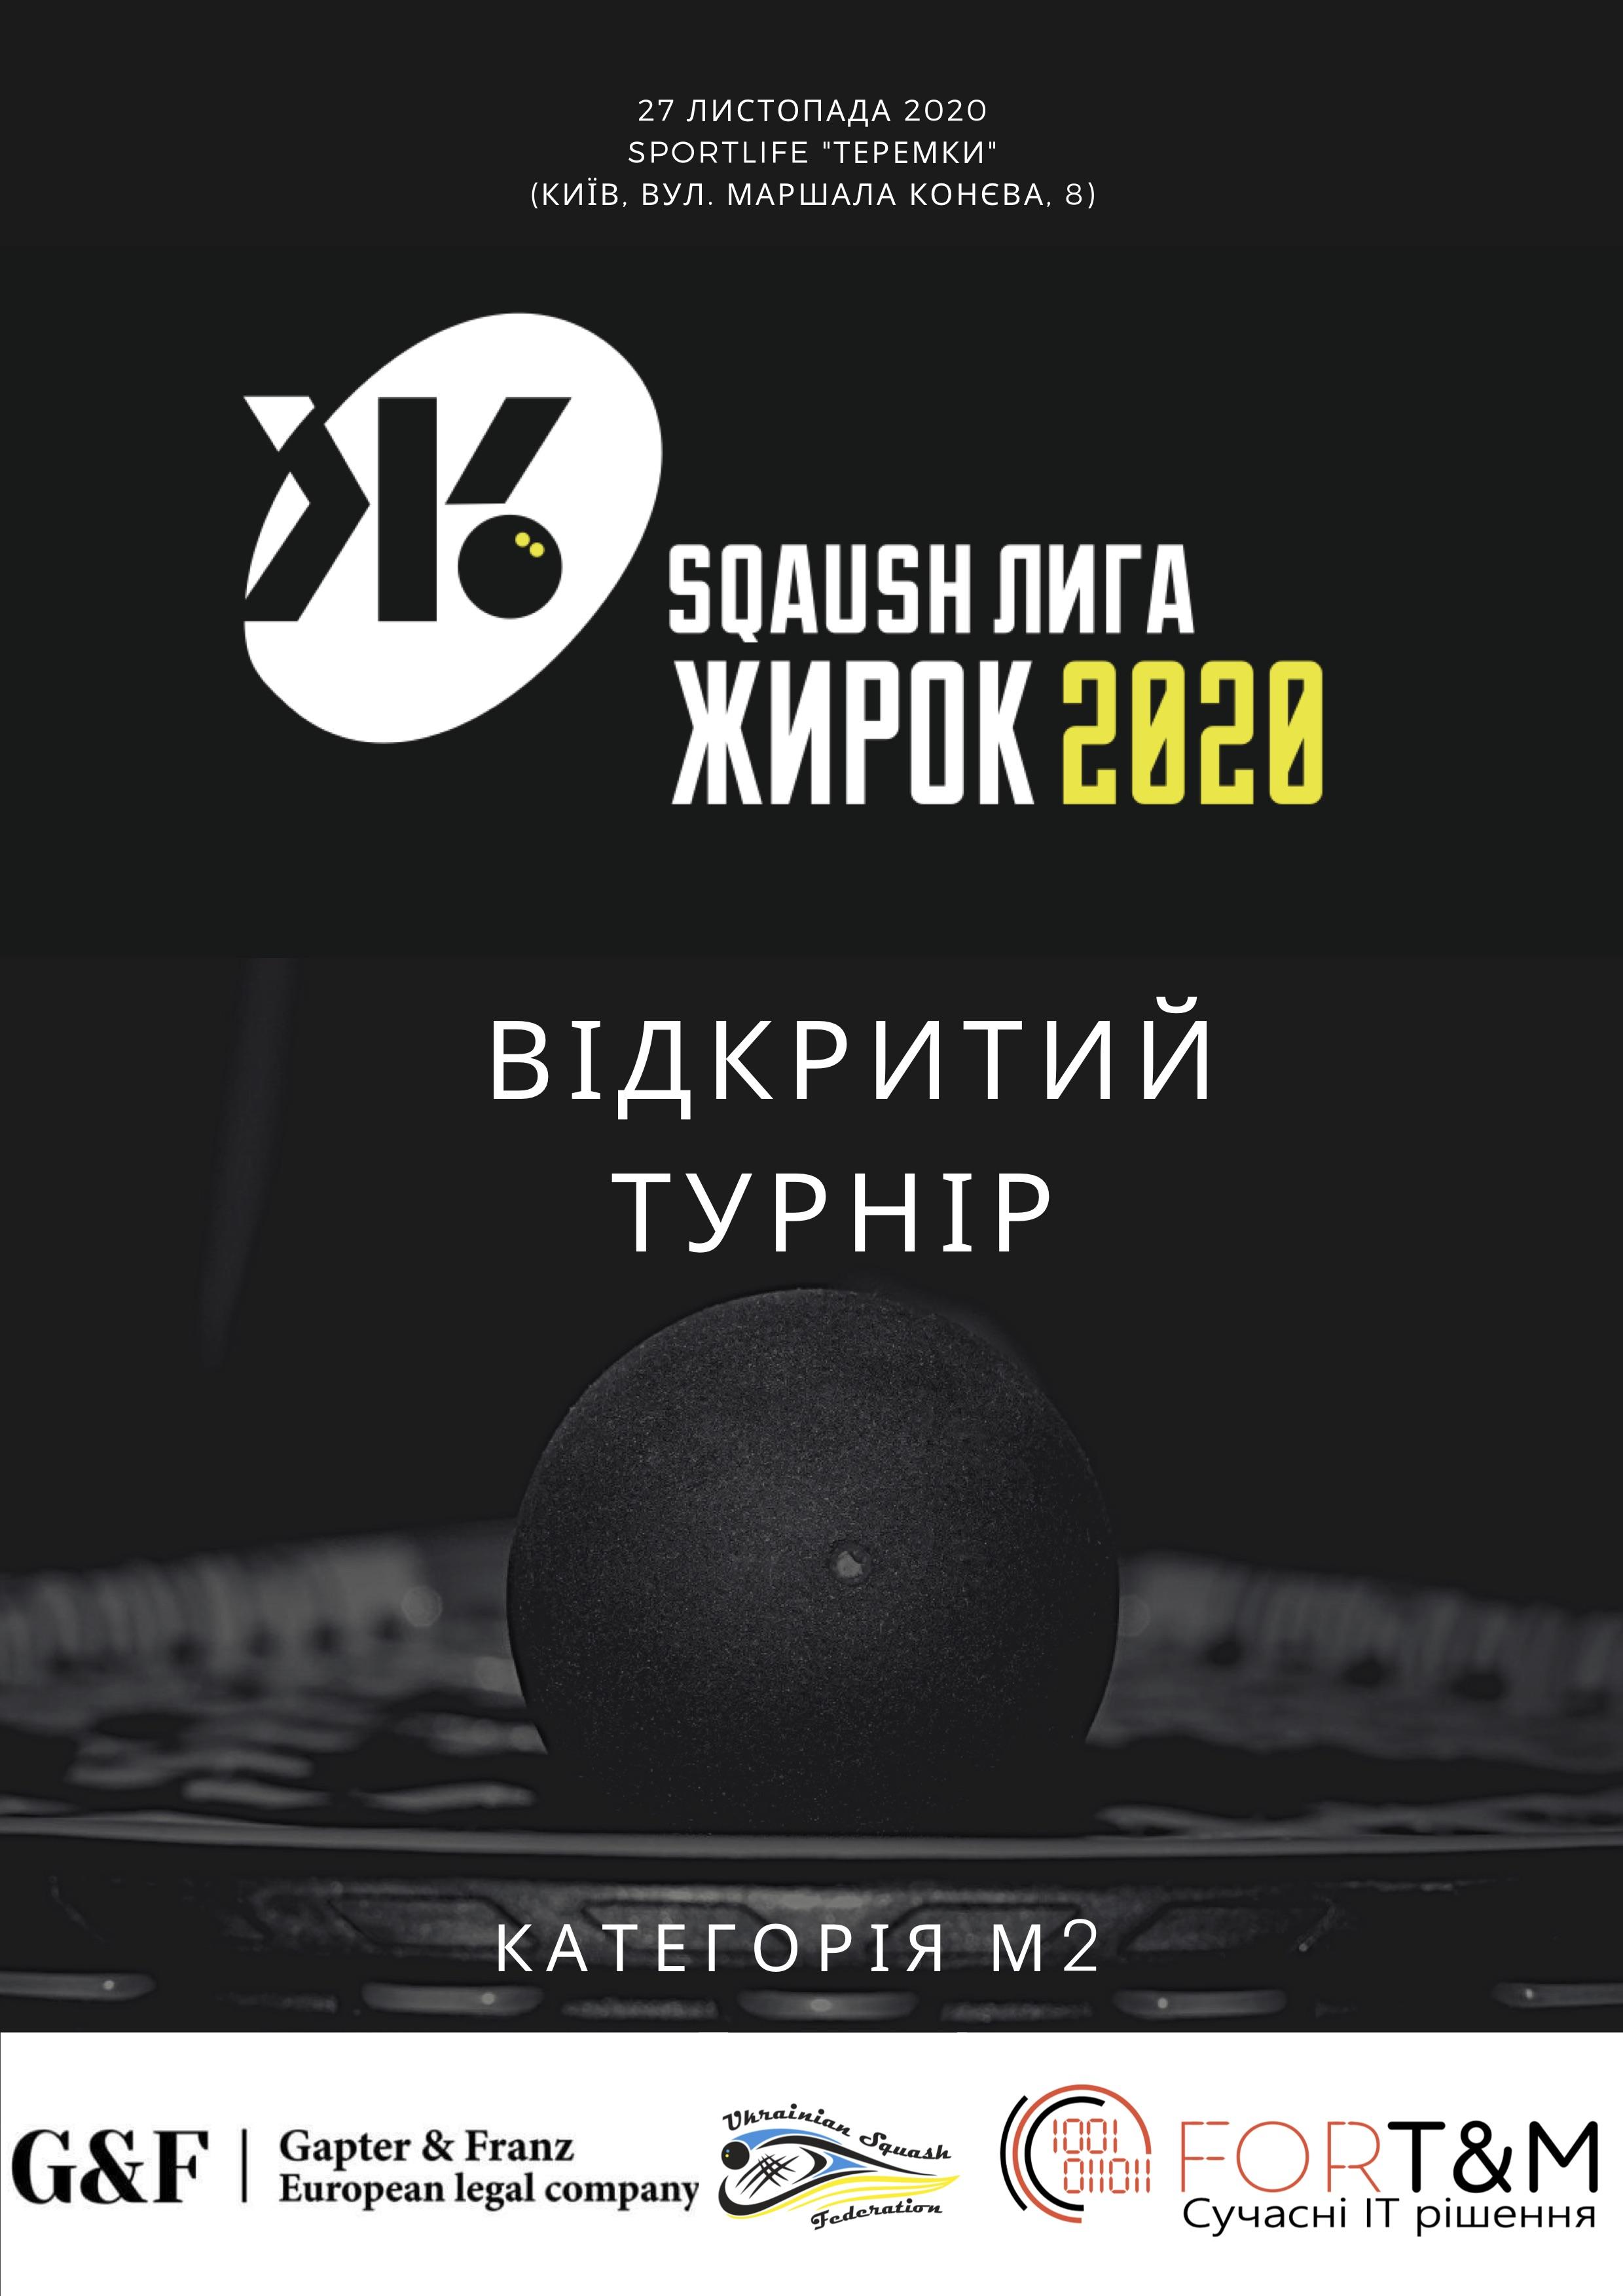 Сквош Ліга Жирок 2020